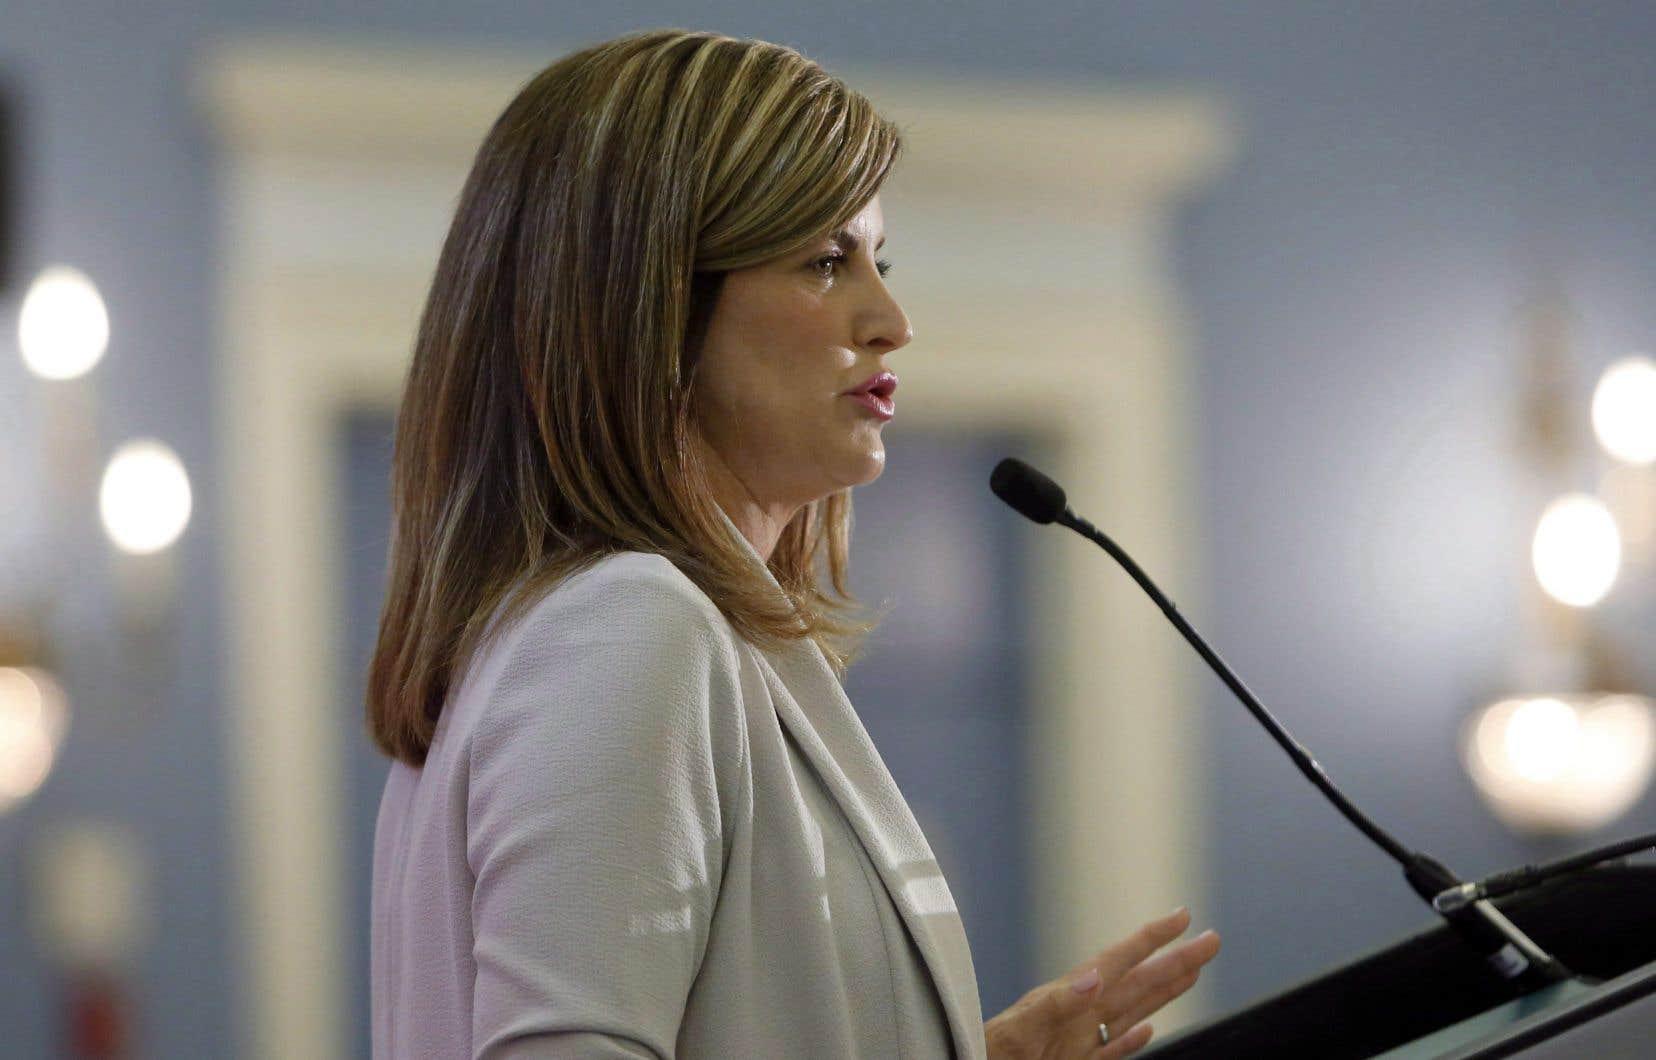 Rona Ambrose est l'instigatrice du projet de loi C-337. Celui-ci obligerait les avocats à suivre un cours de perfectionnement sur le droit relatif aux agressions sexuelles avant de postuler à la magistrature.